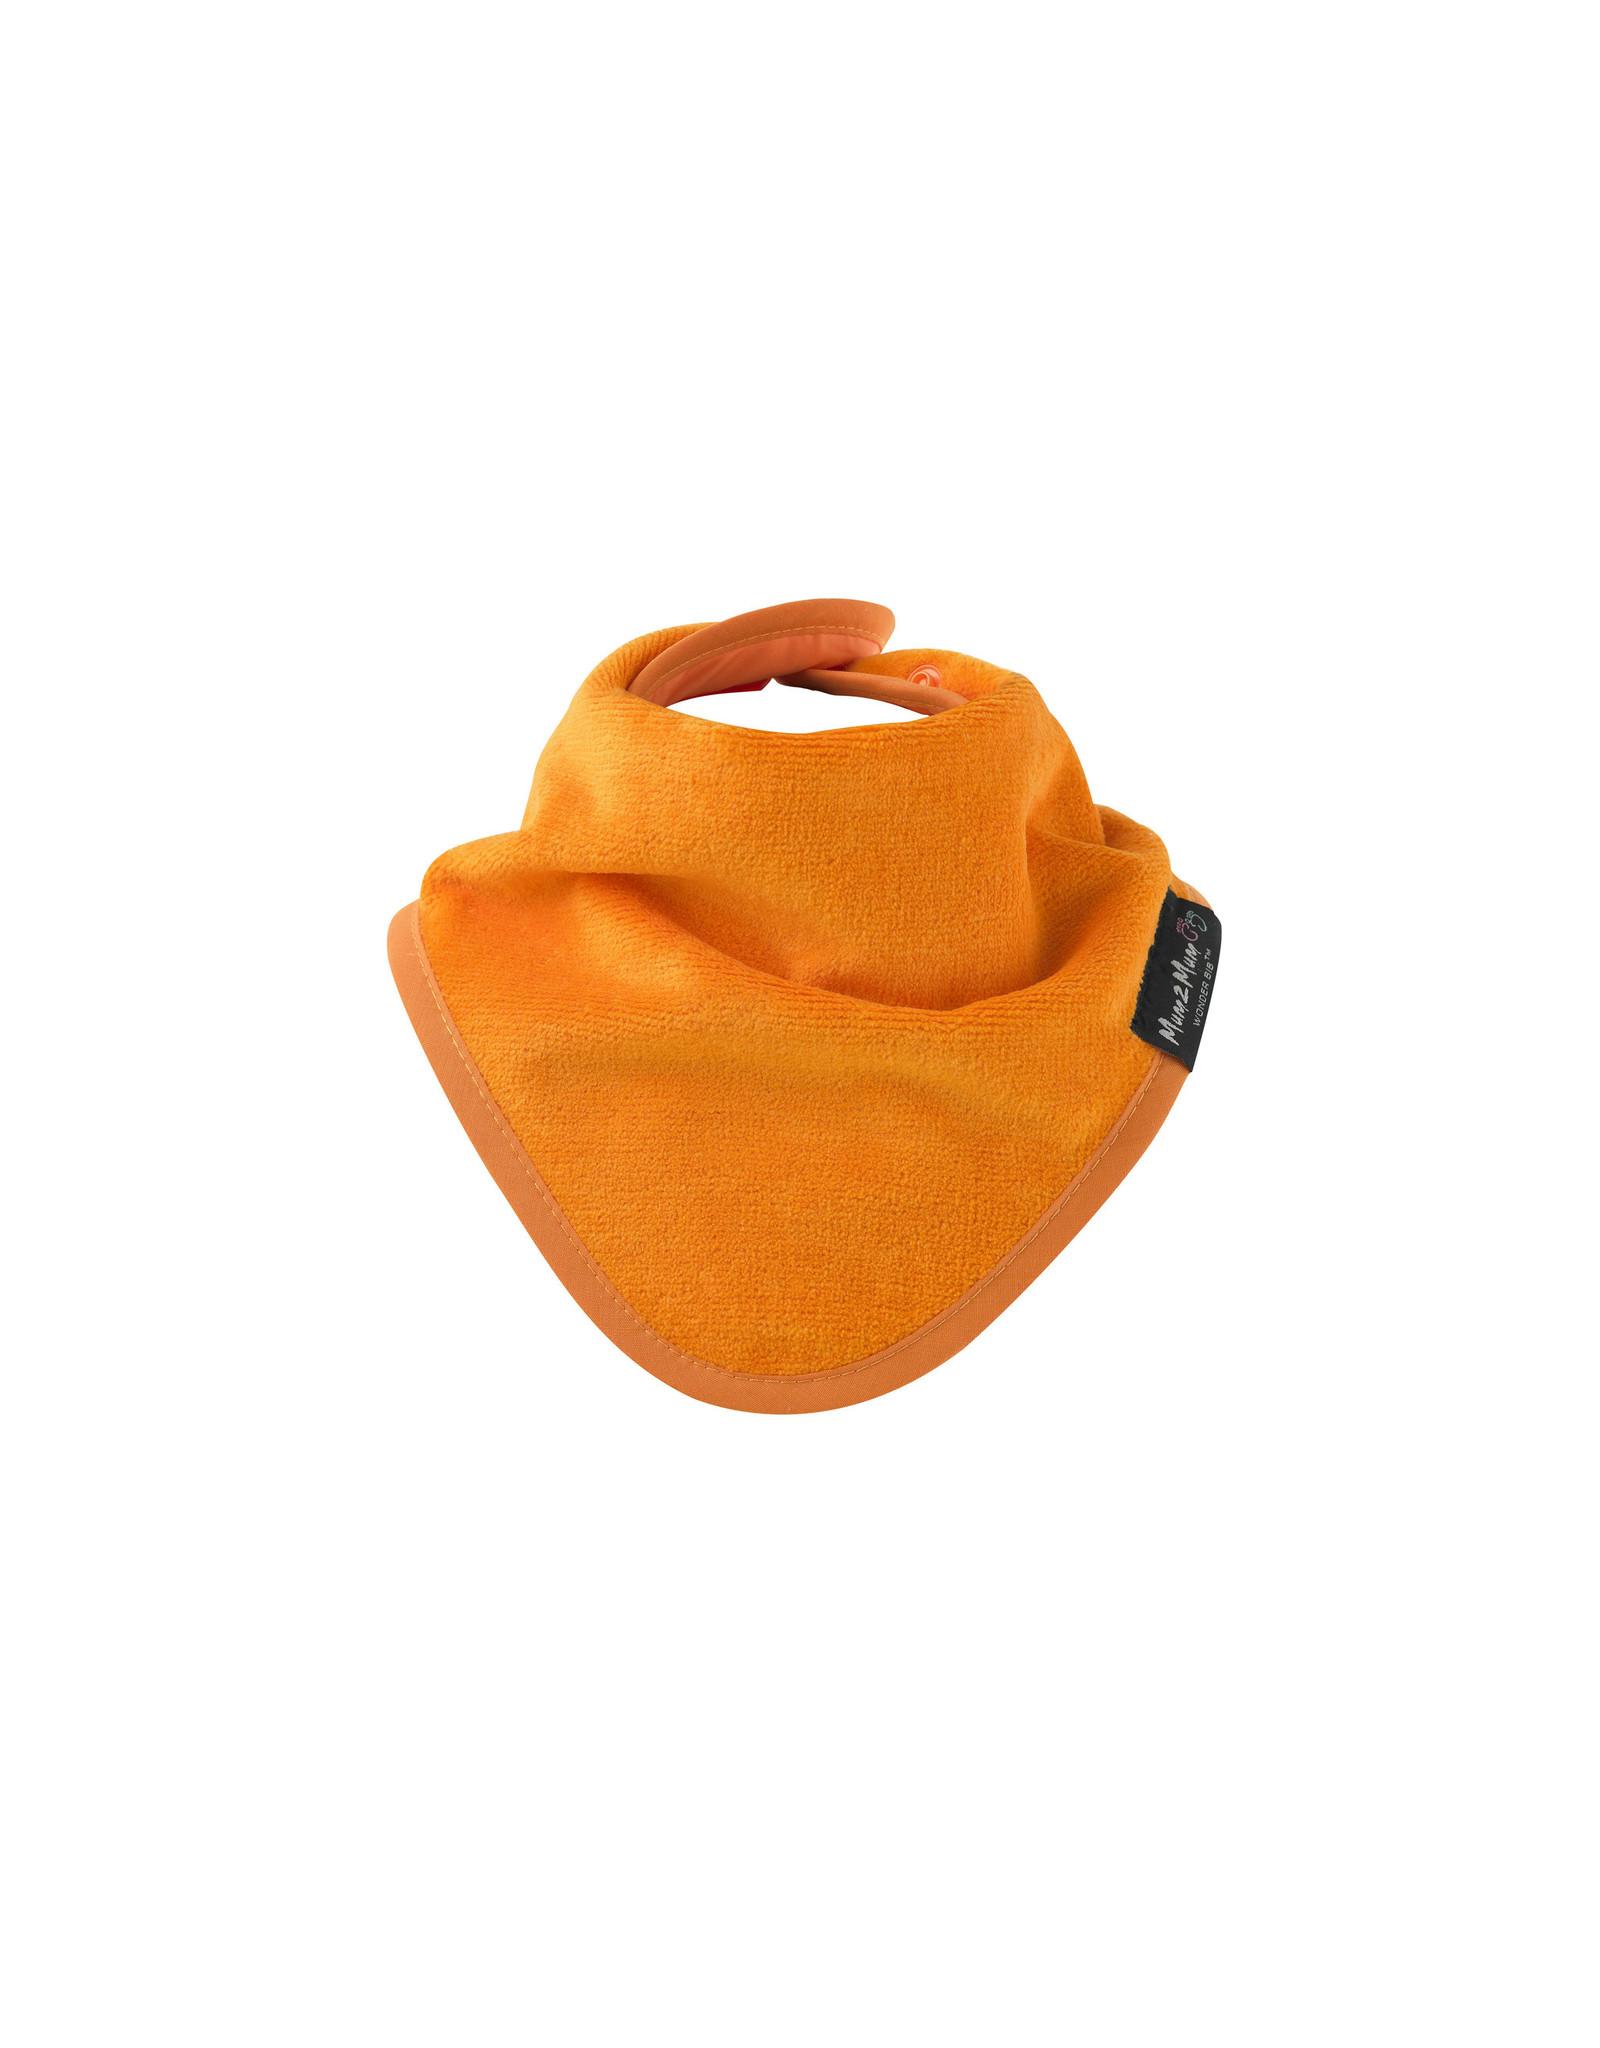 Mum2Mum Mum2Mum Bandana Bib Orange 6 pieces